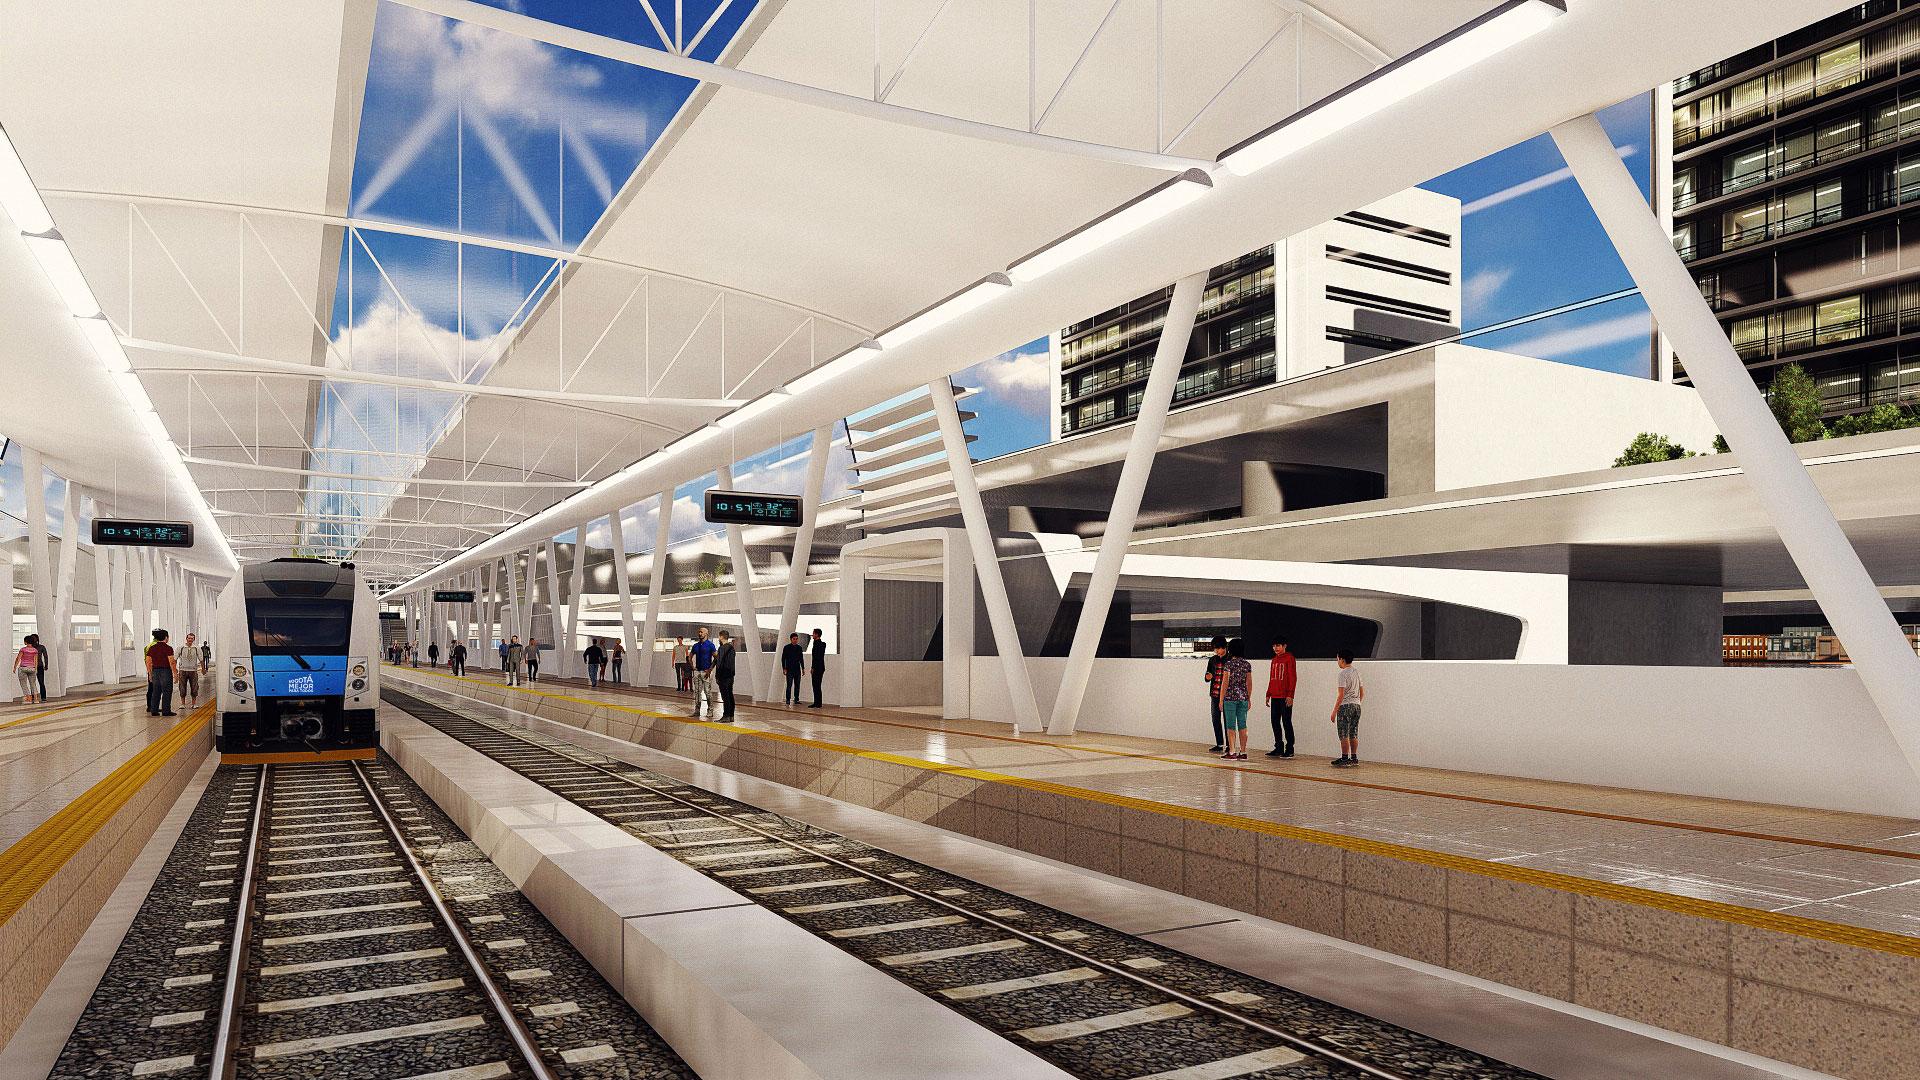 Metro subterráneo puede ayudar a controlar el calentamiento global